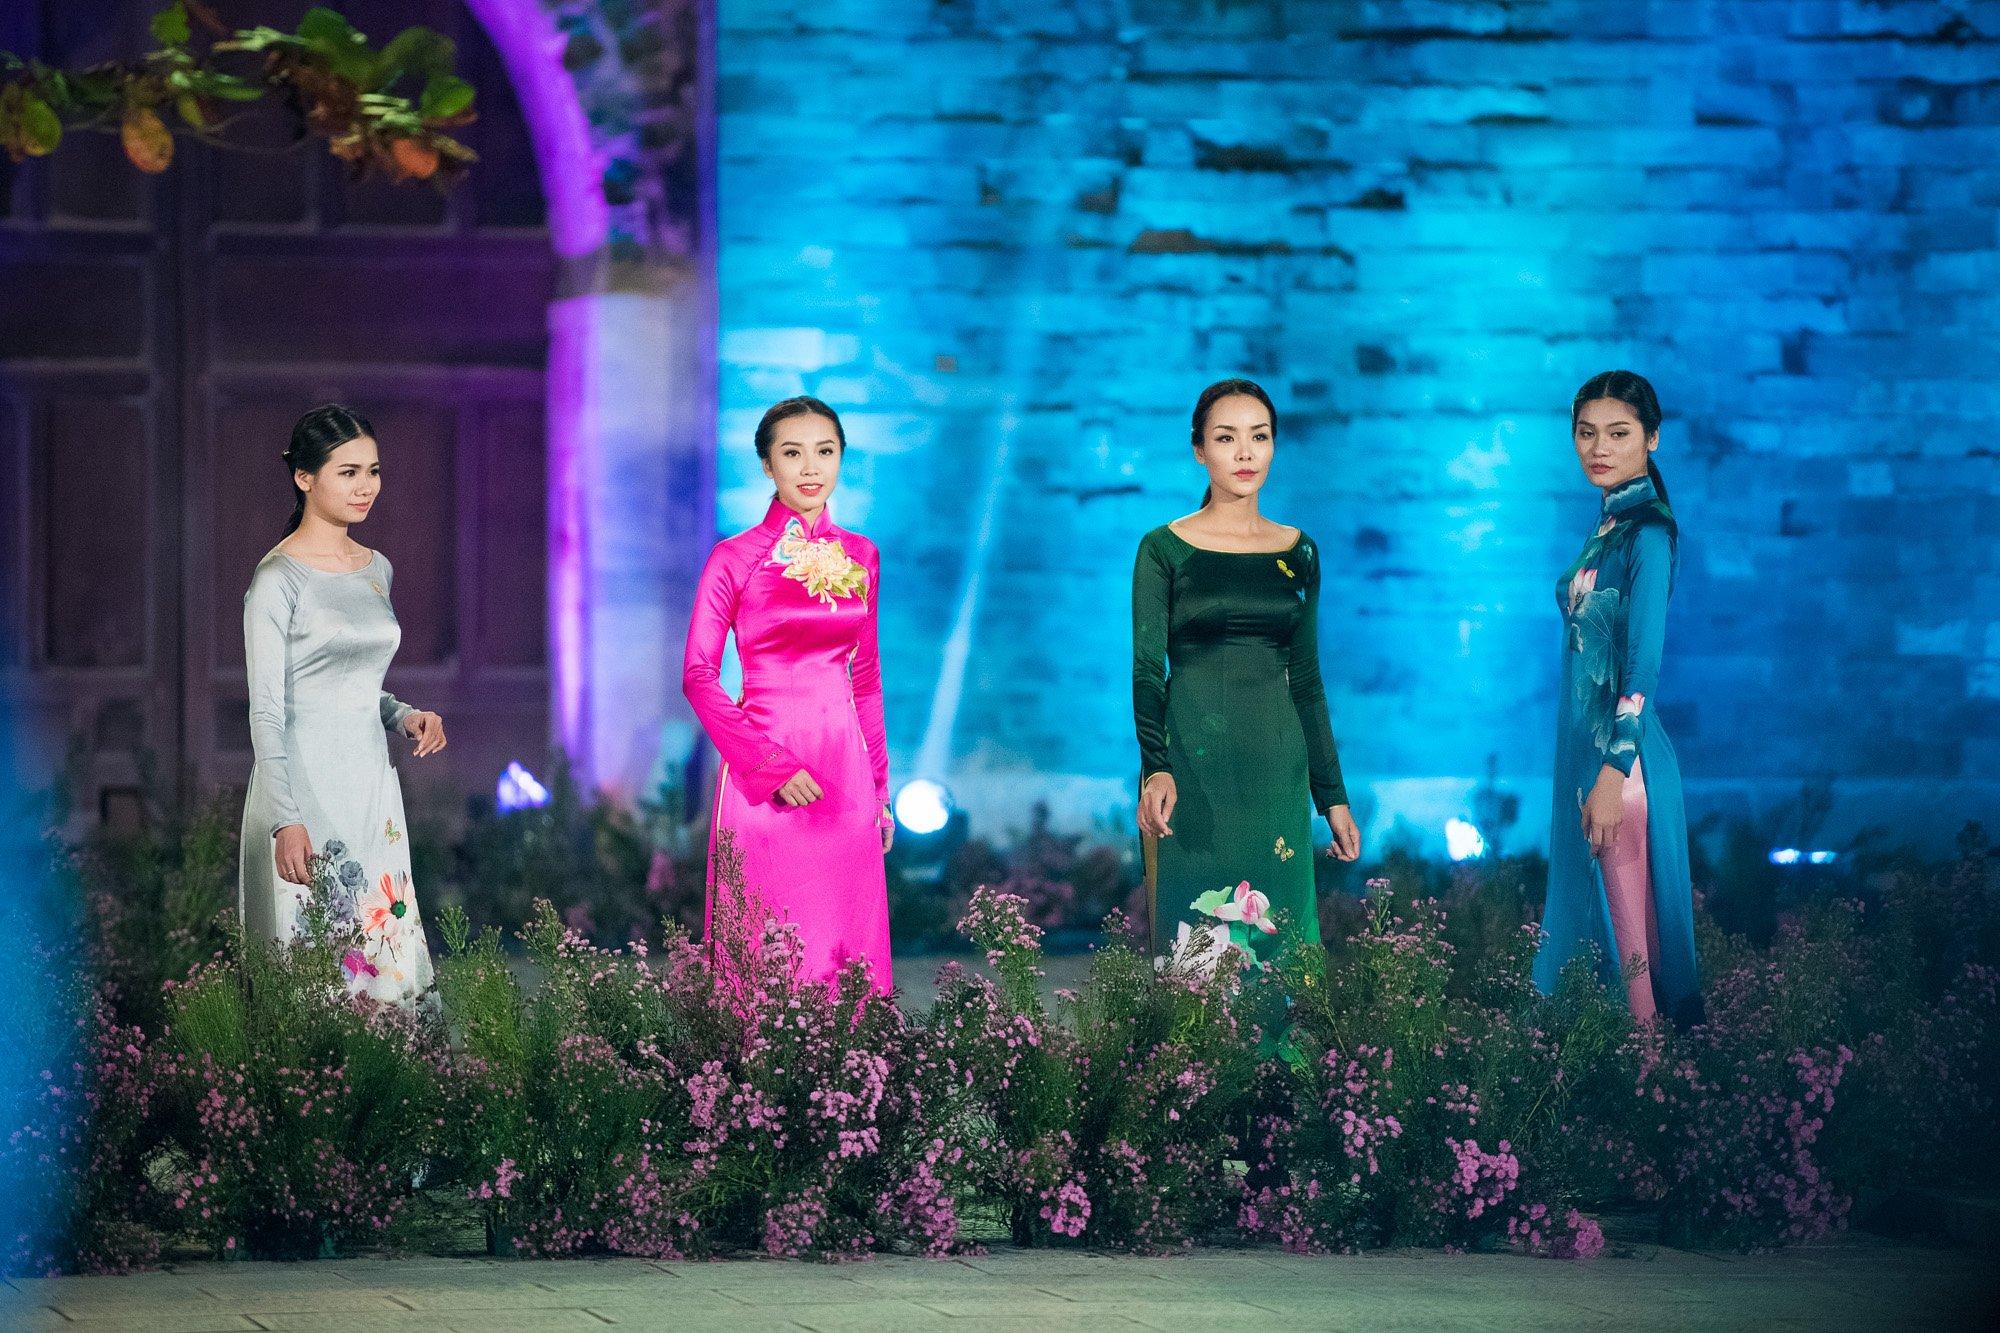 Hàng trăm mẫu áo dài được trình diễn trong Festival Áo dài Hà Nội 2016 1